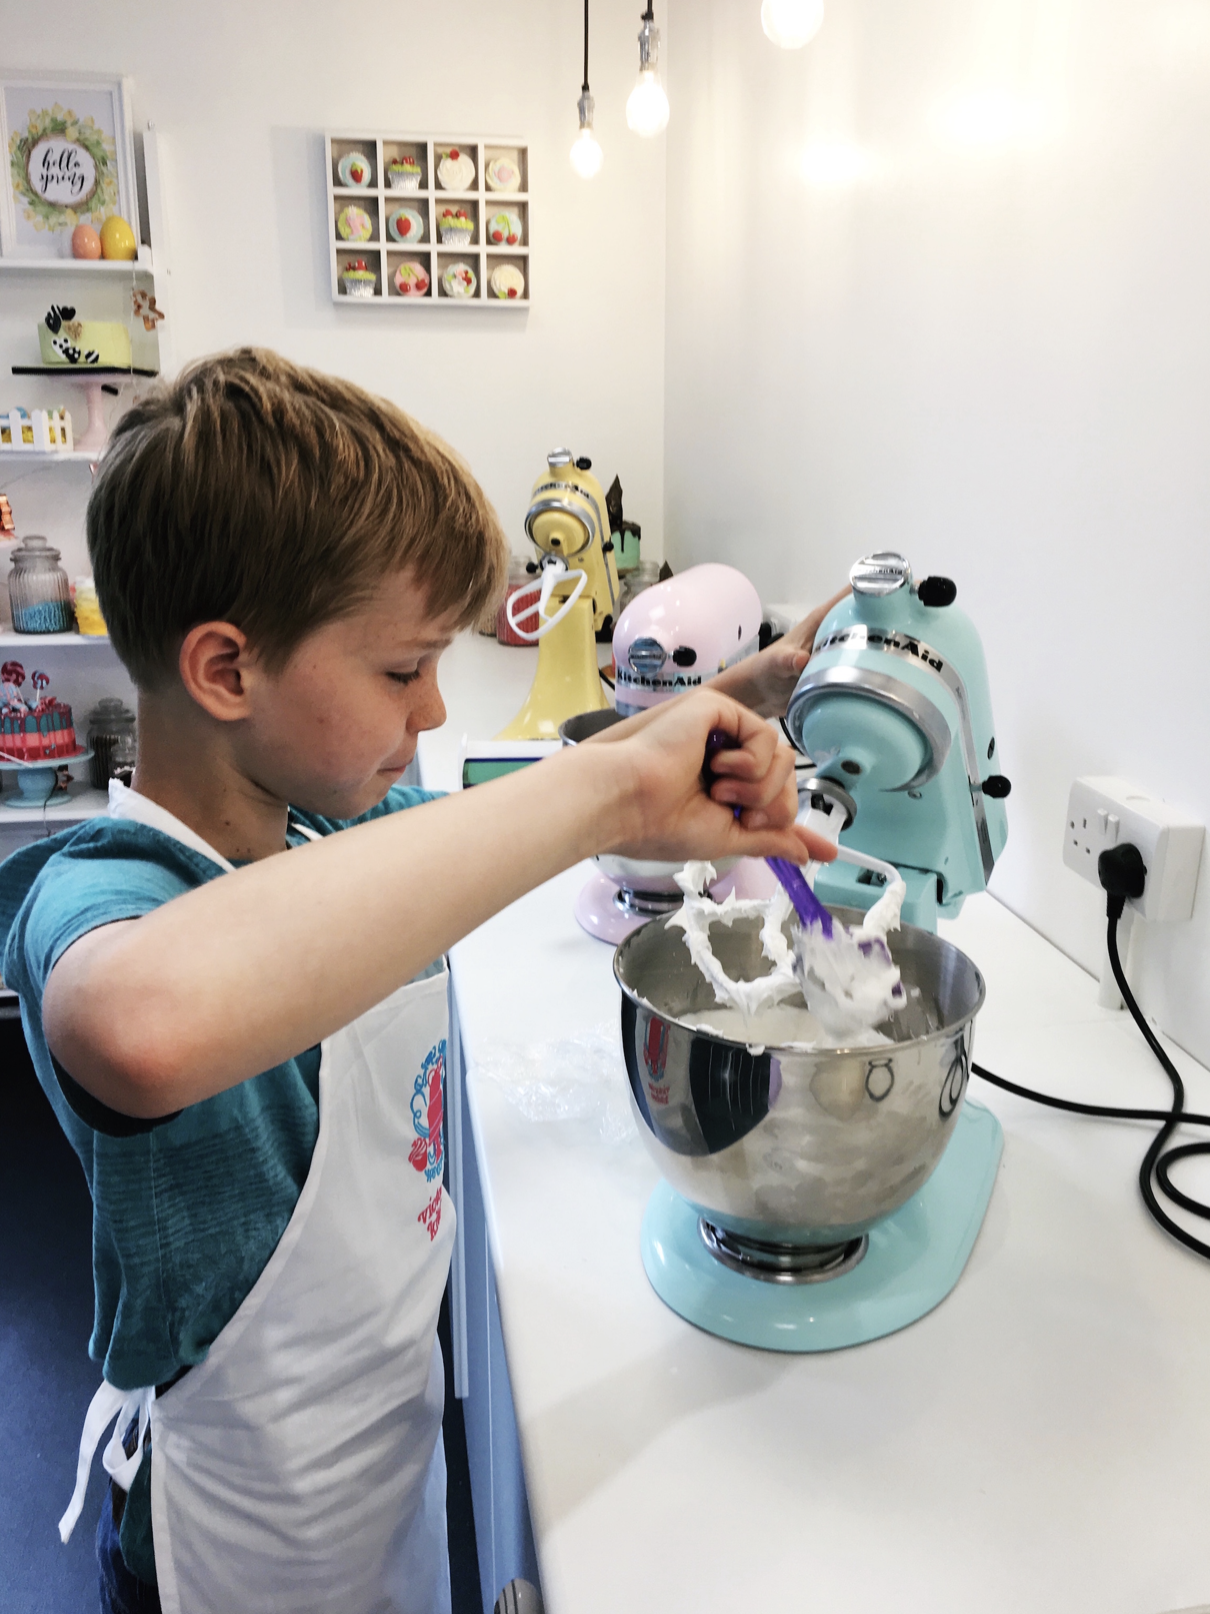 parent-child-cupcakes-buttercream